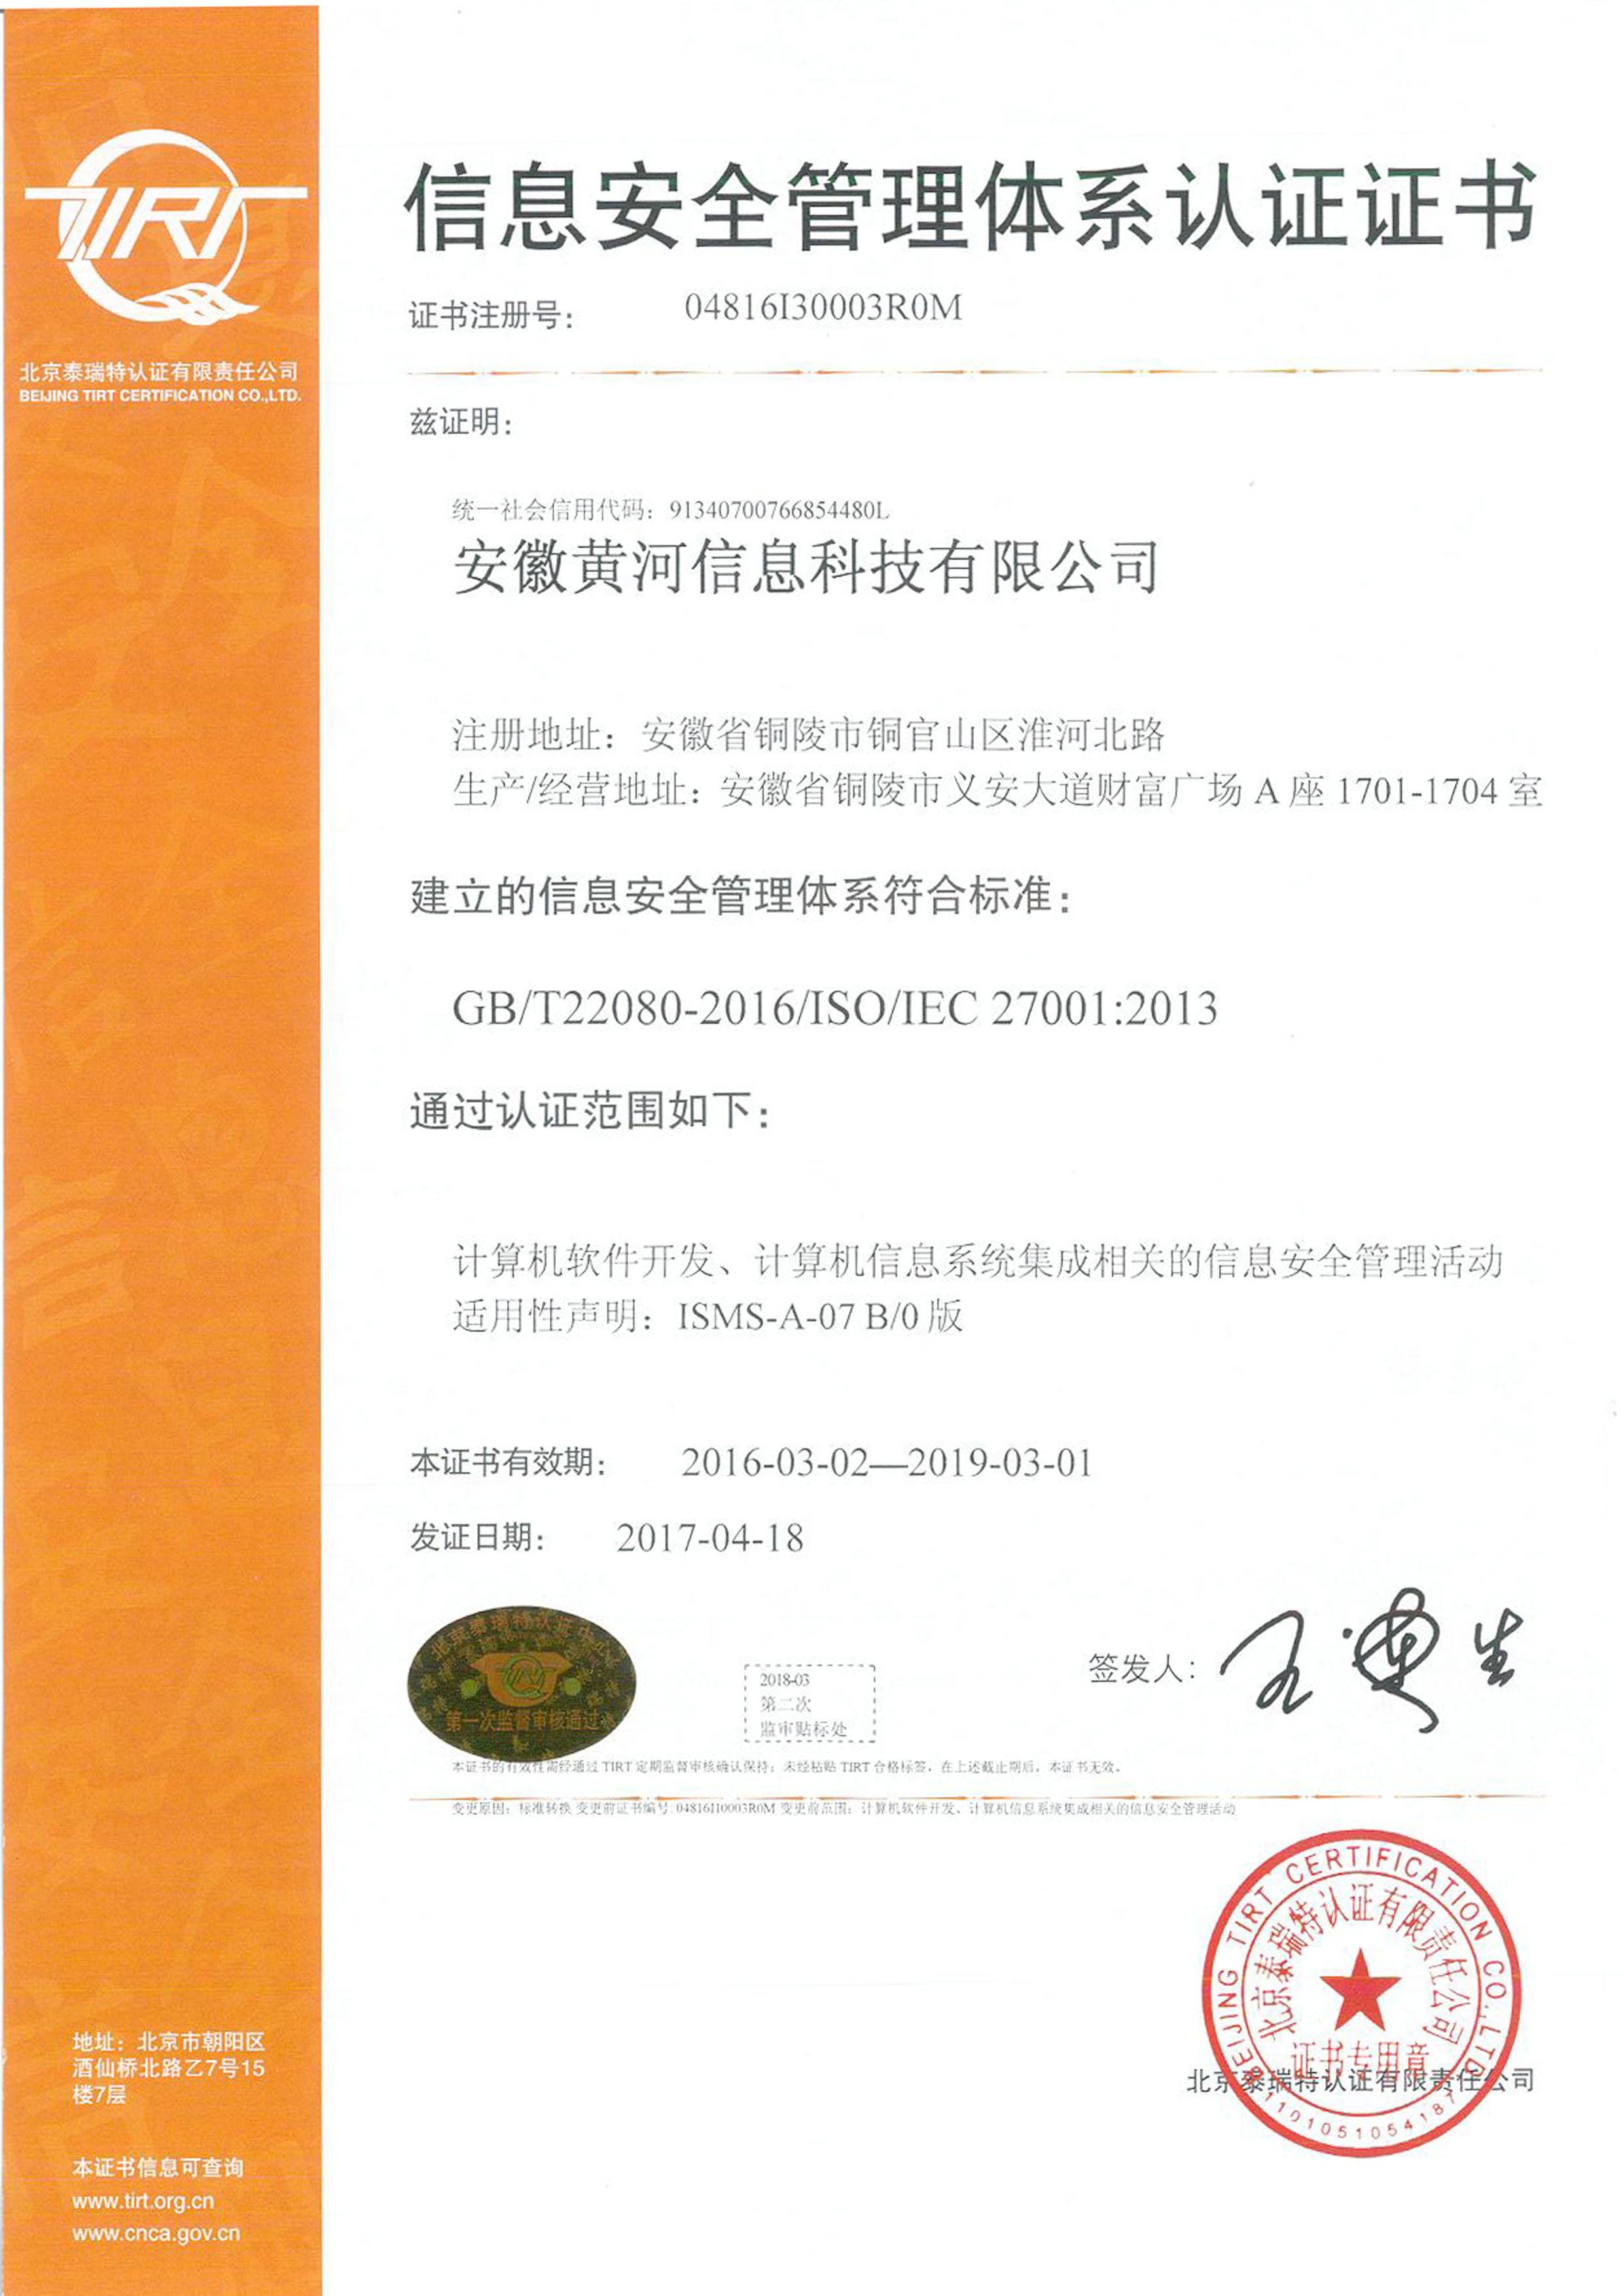 信息服务安全管理体系证书中文版